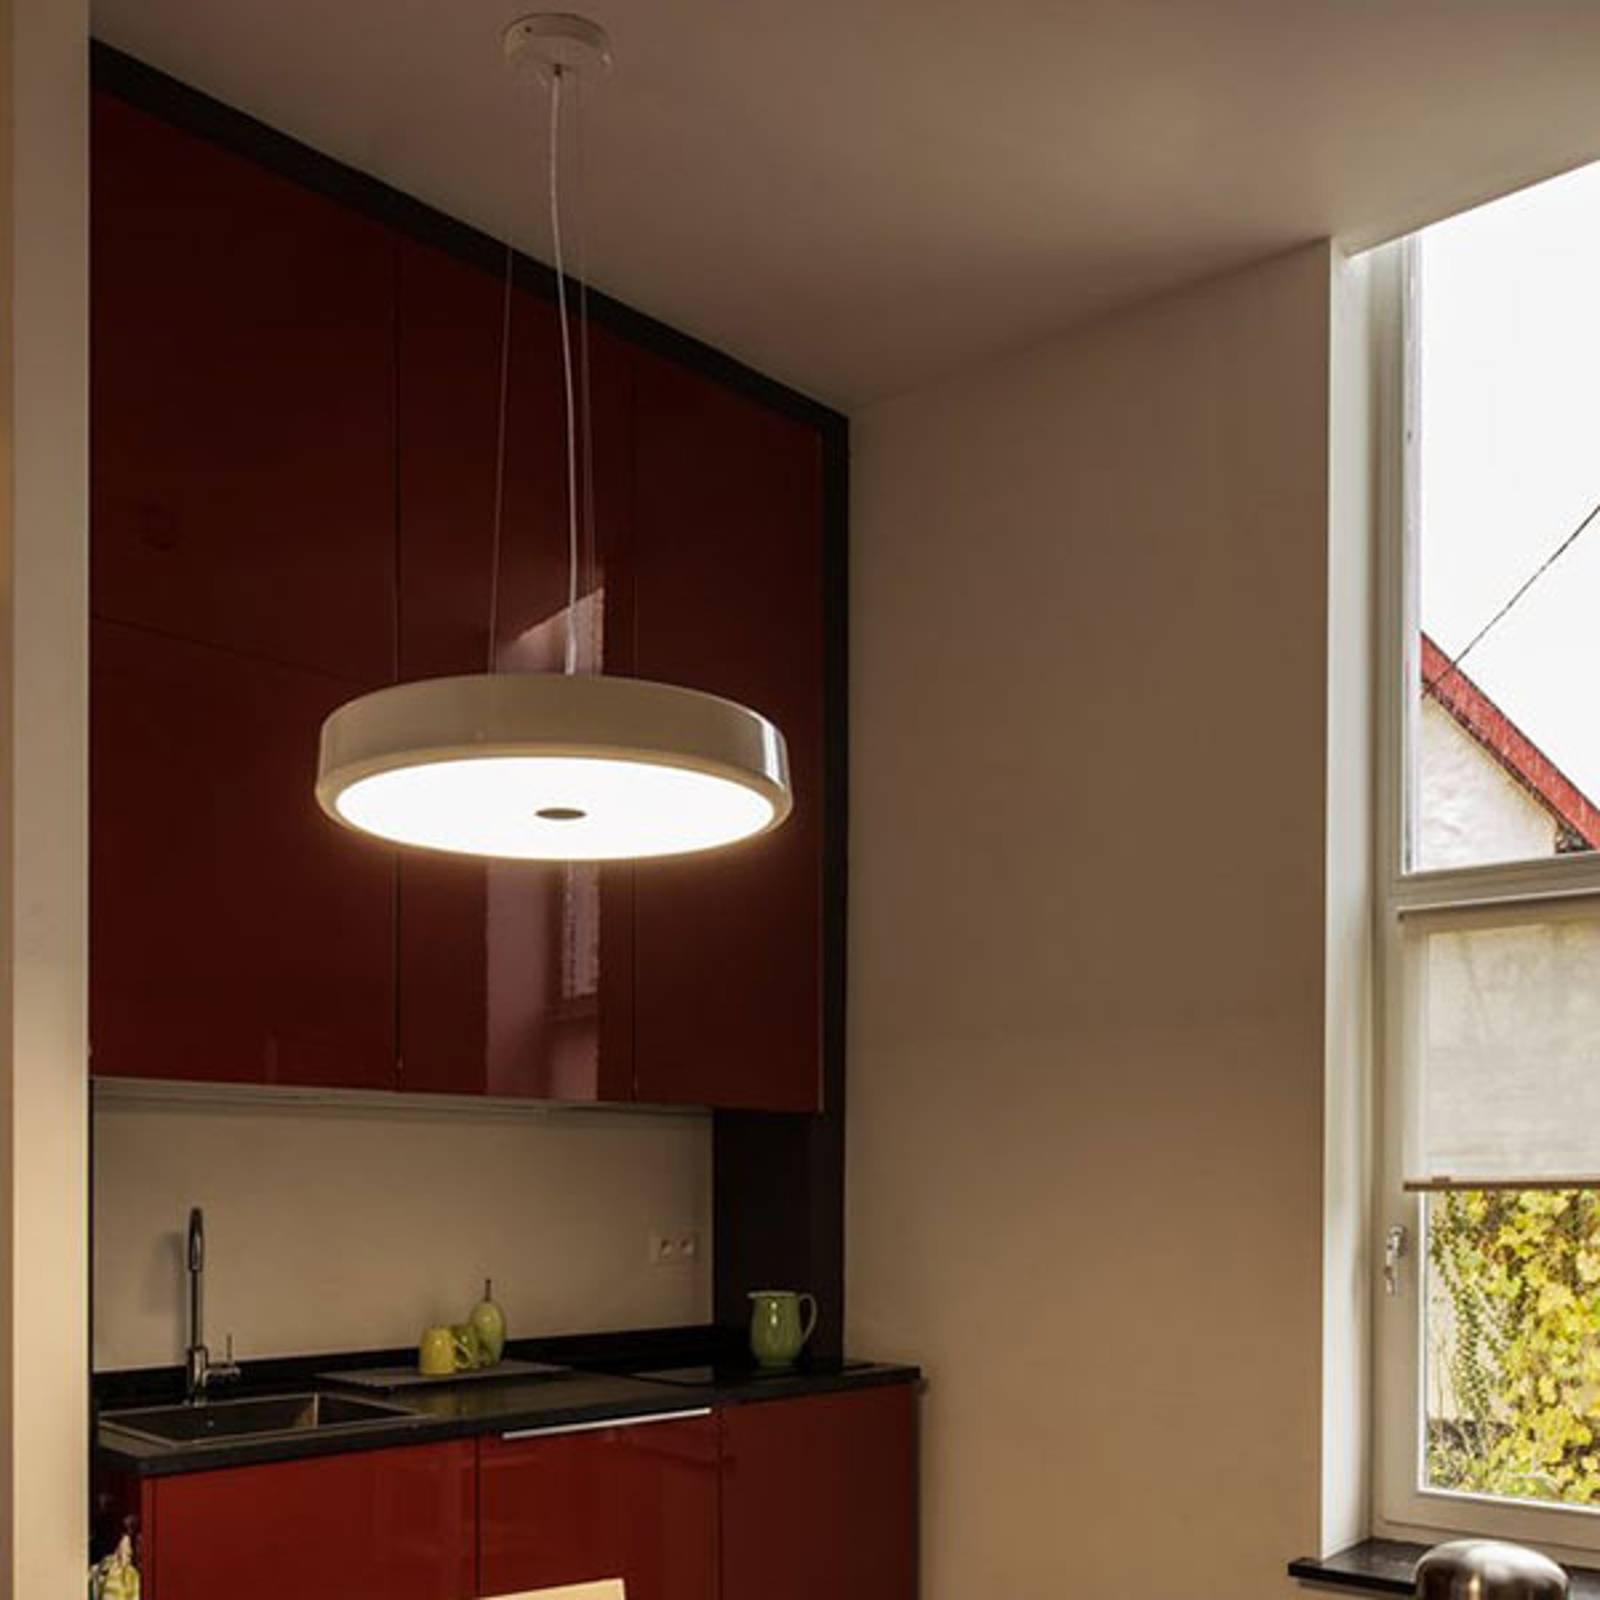 SLV Sphera LED-hengelampe, dimbar, Ø 45 cm